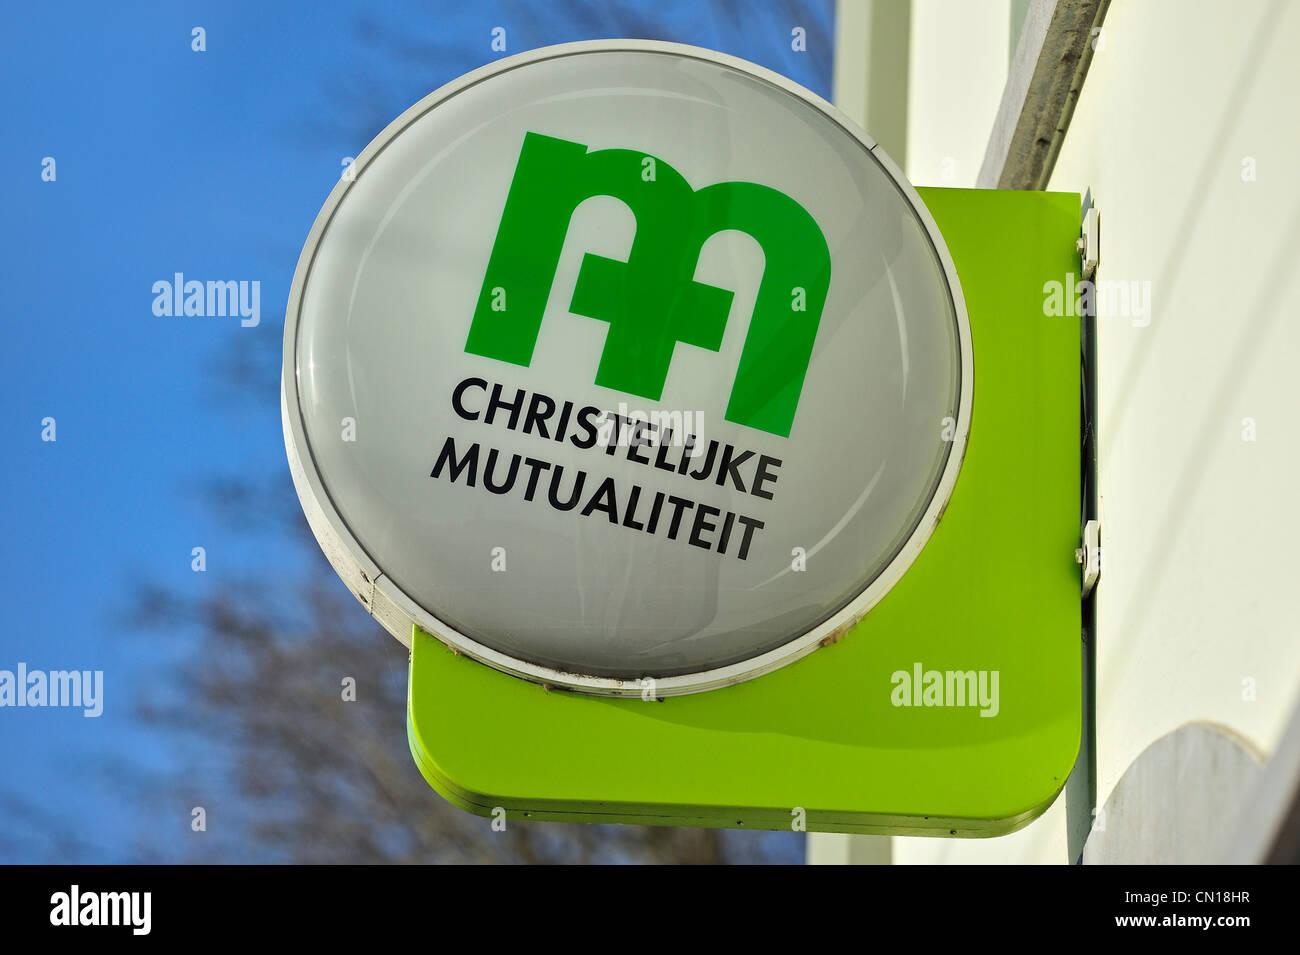 Schild mit Logo des christlichen National Health Service / CM / Christelijke Mutualiteit, Flandern, Belgien Stockbild